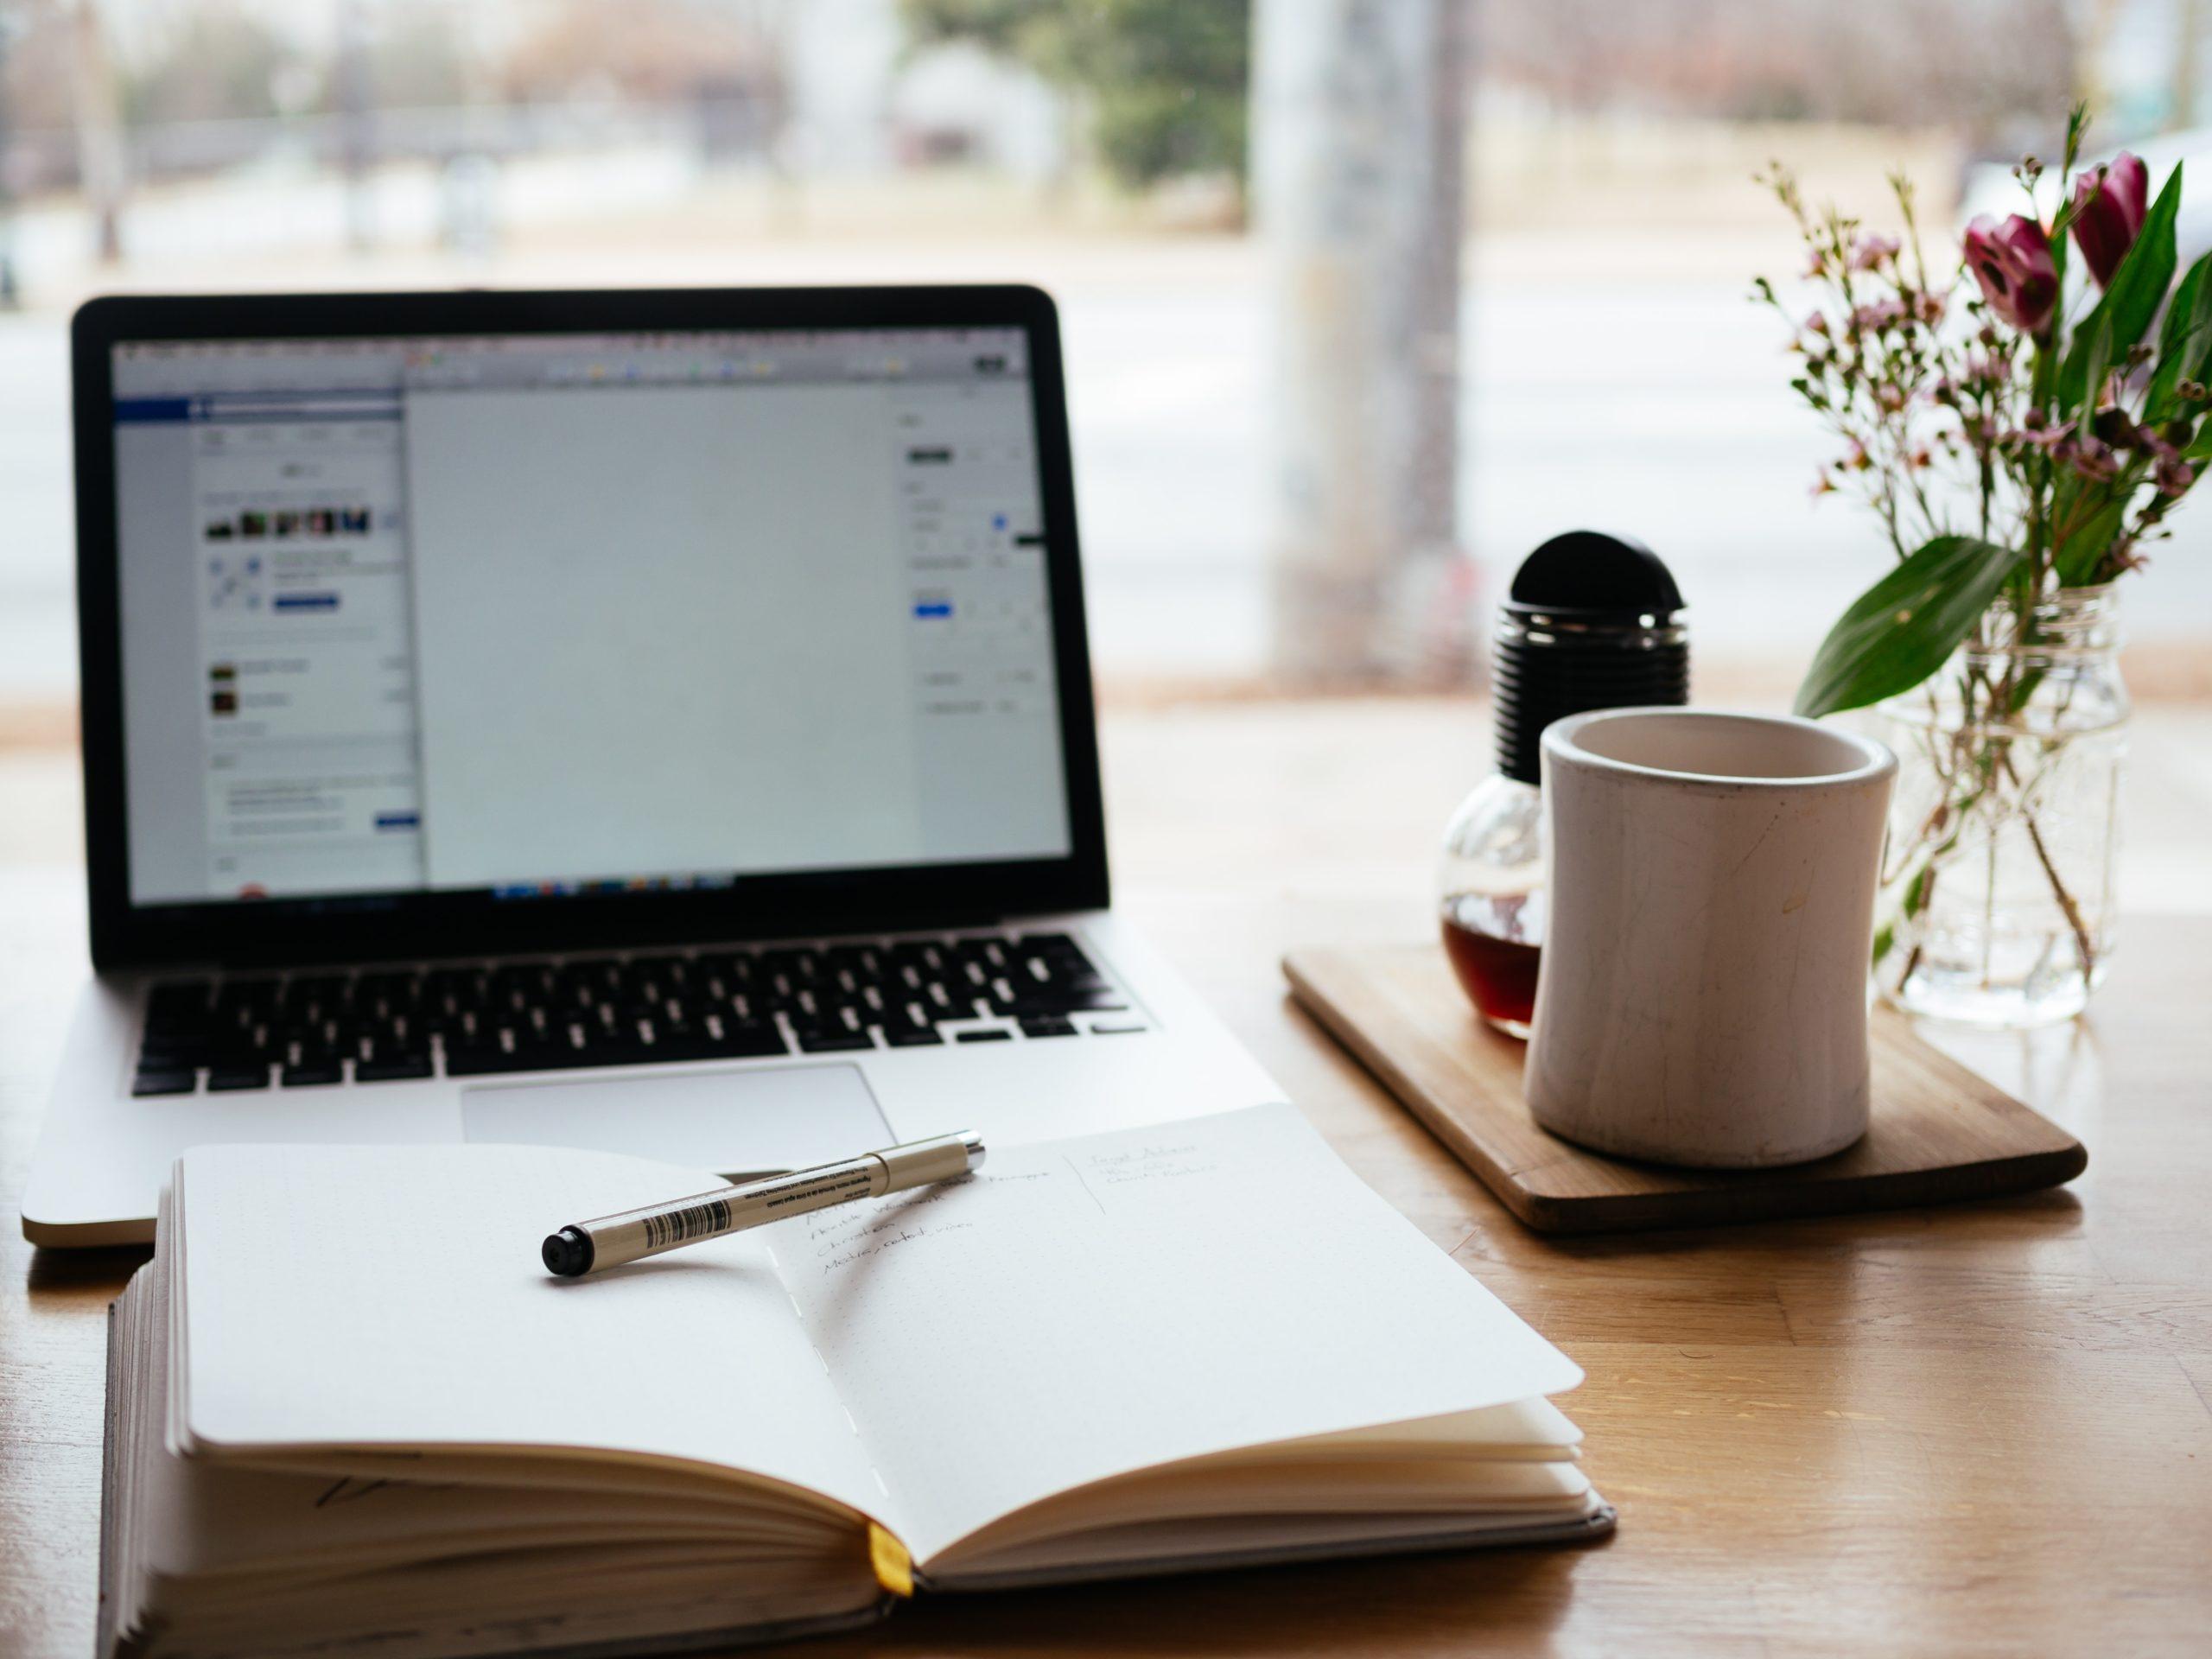 転職用の履歴書の書き方を考え中